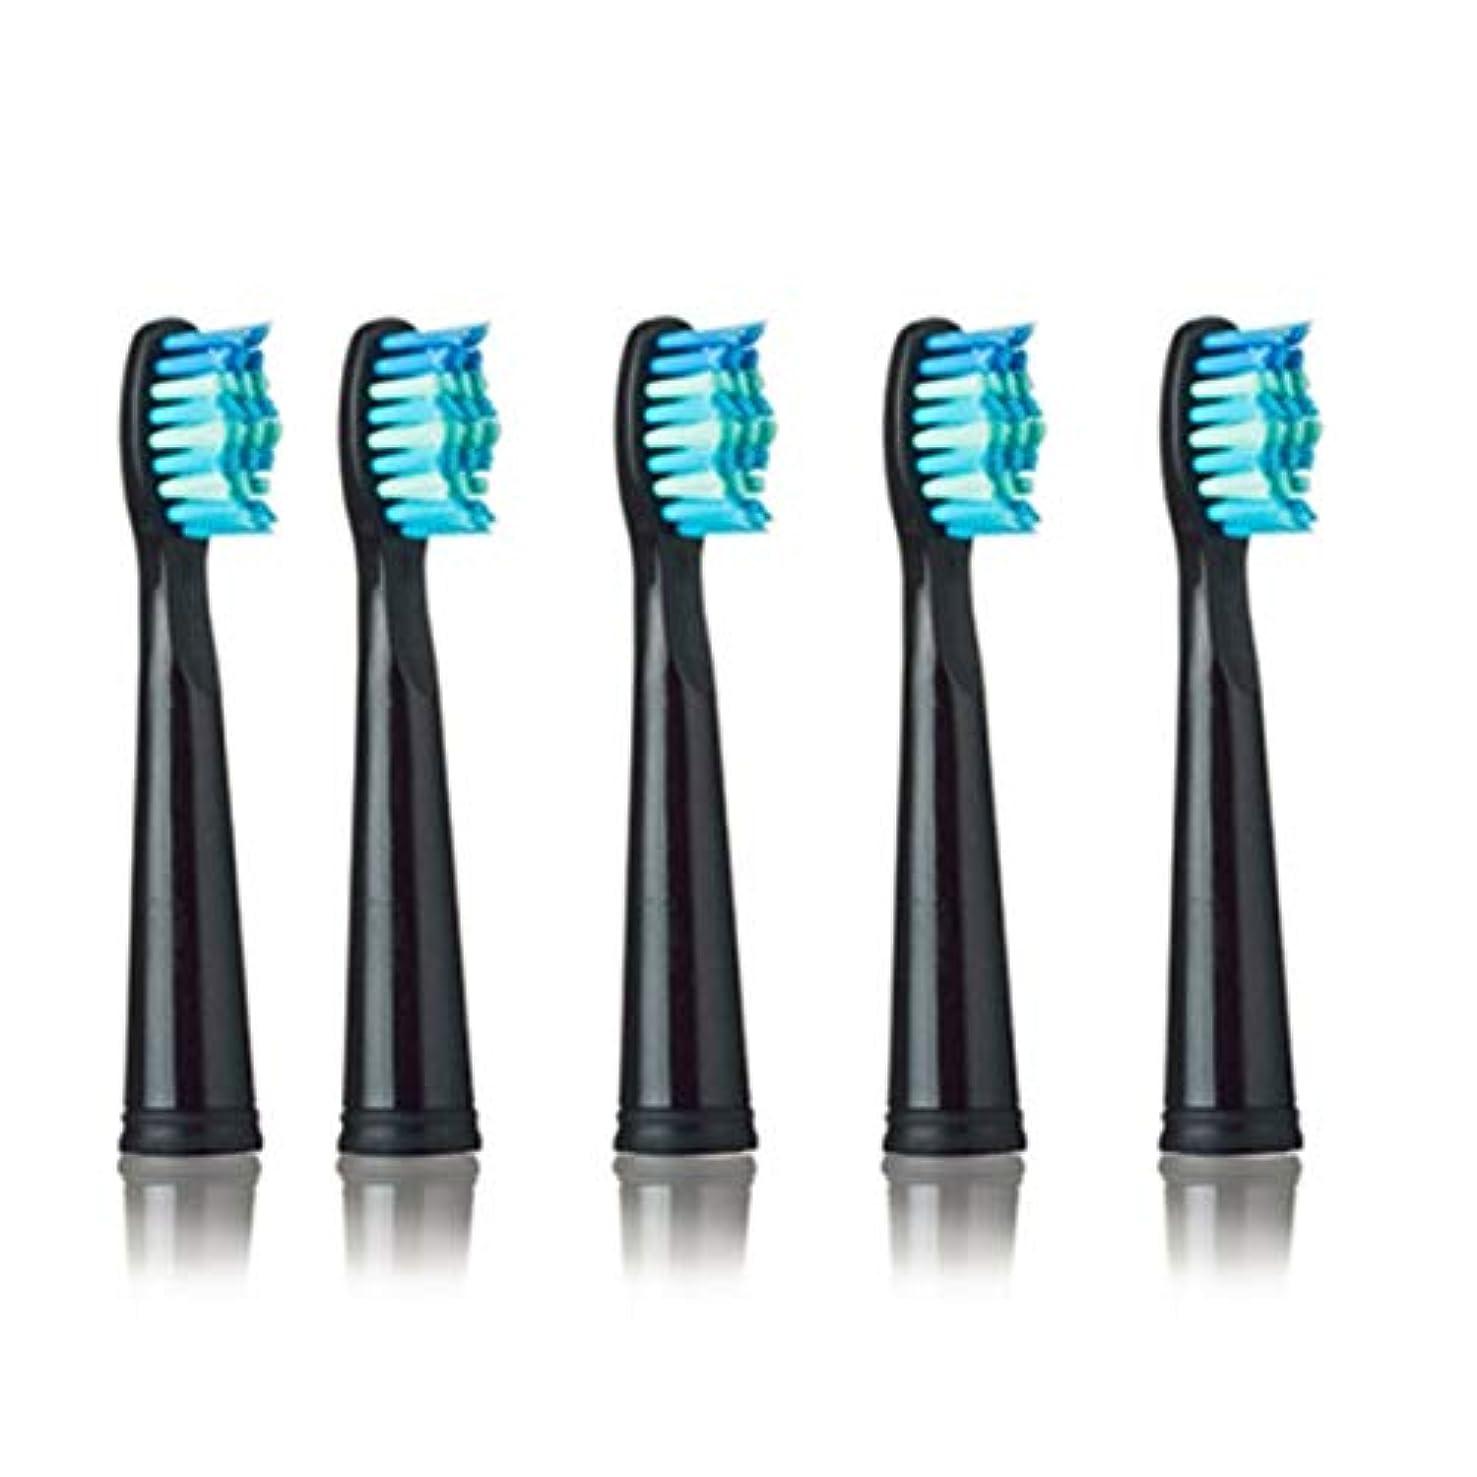 混合した結論自動車SEAGO 949/507/610/659用電動歯ブラシヘッド抗菌自動歯ブラシヘッド電動歯ブラシ - ブラック